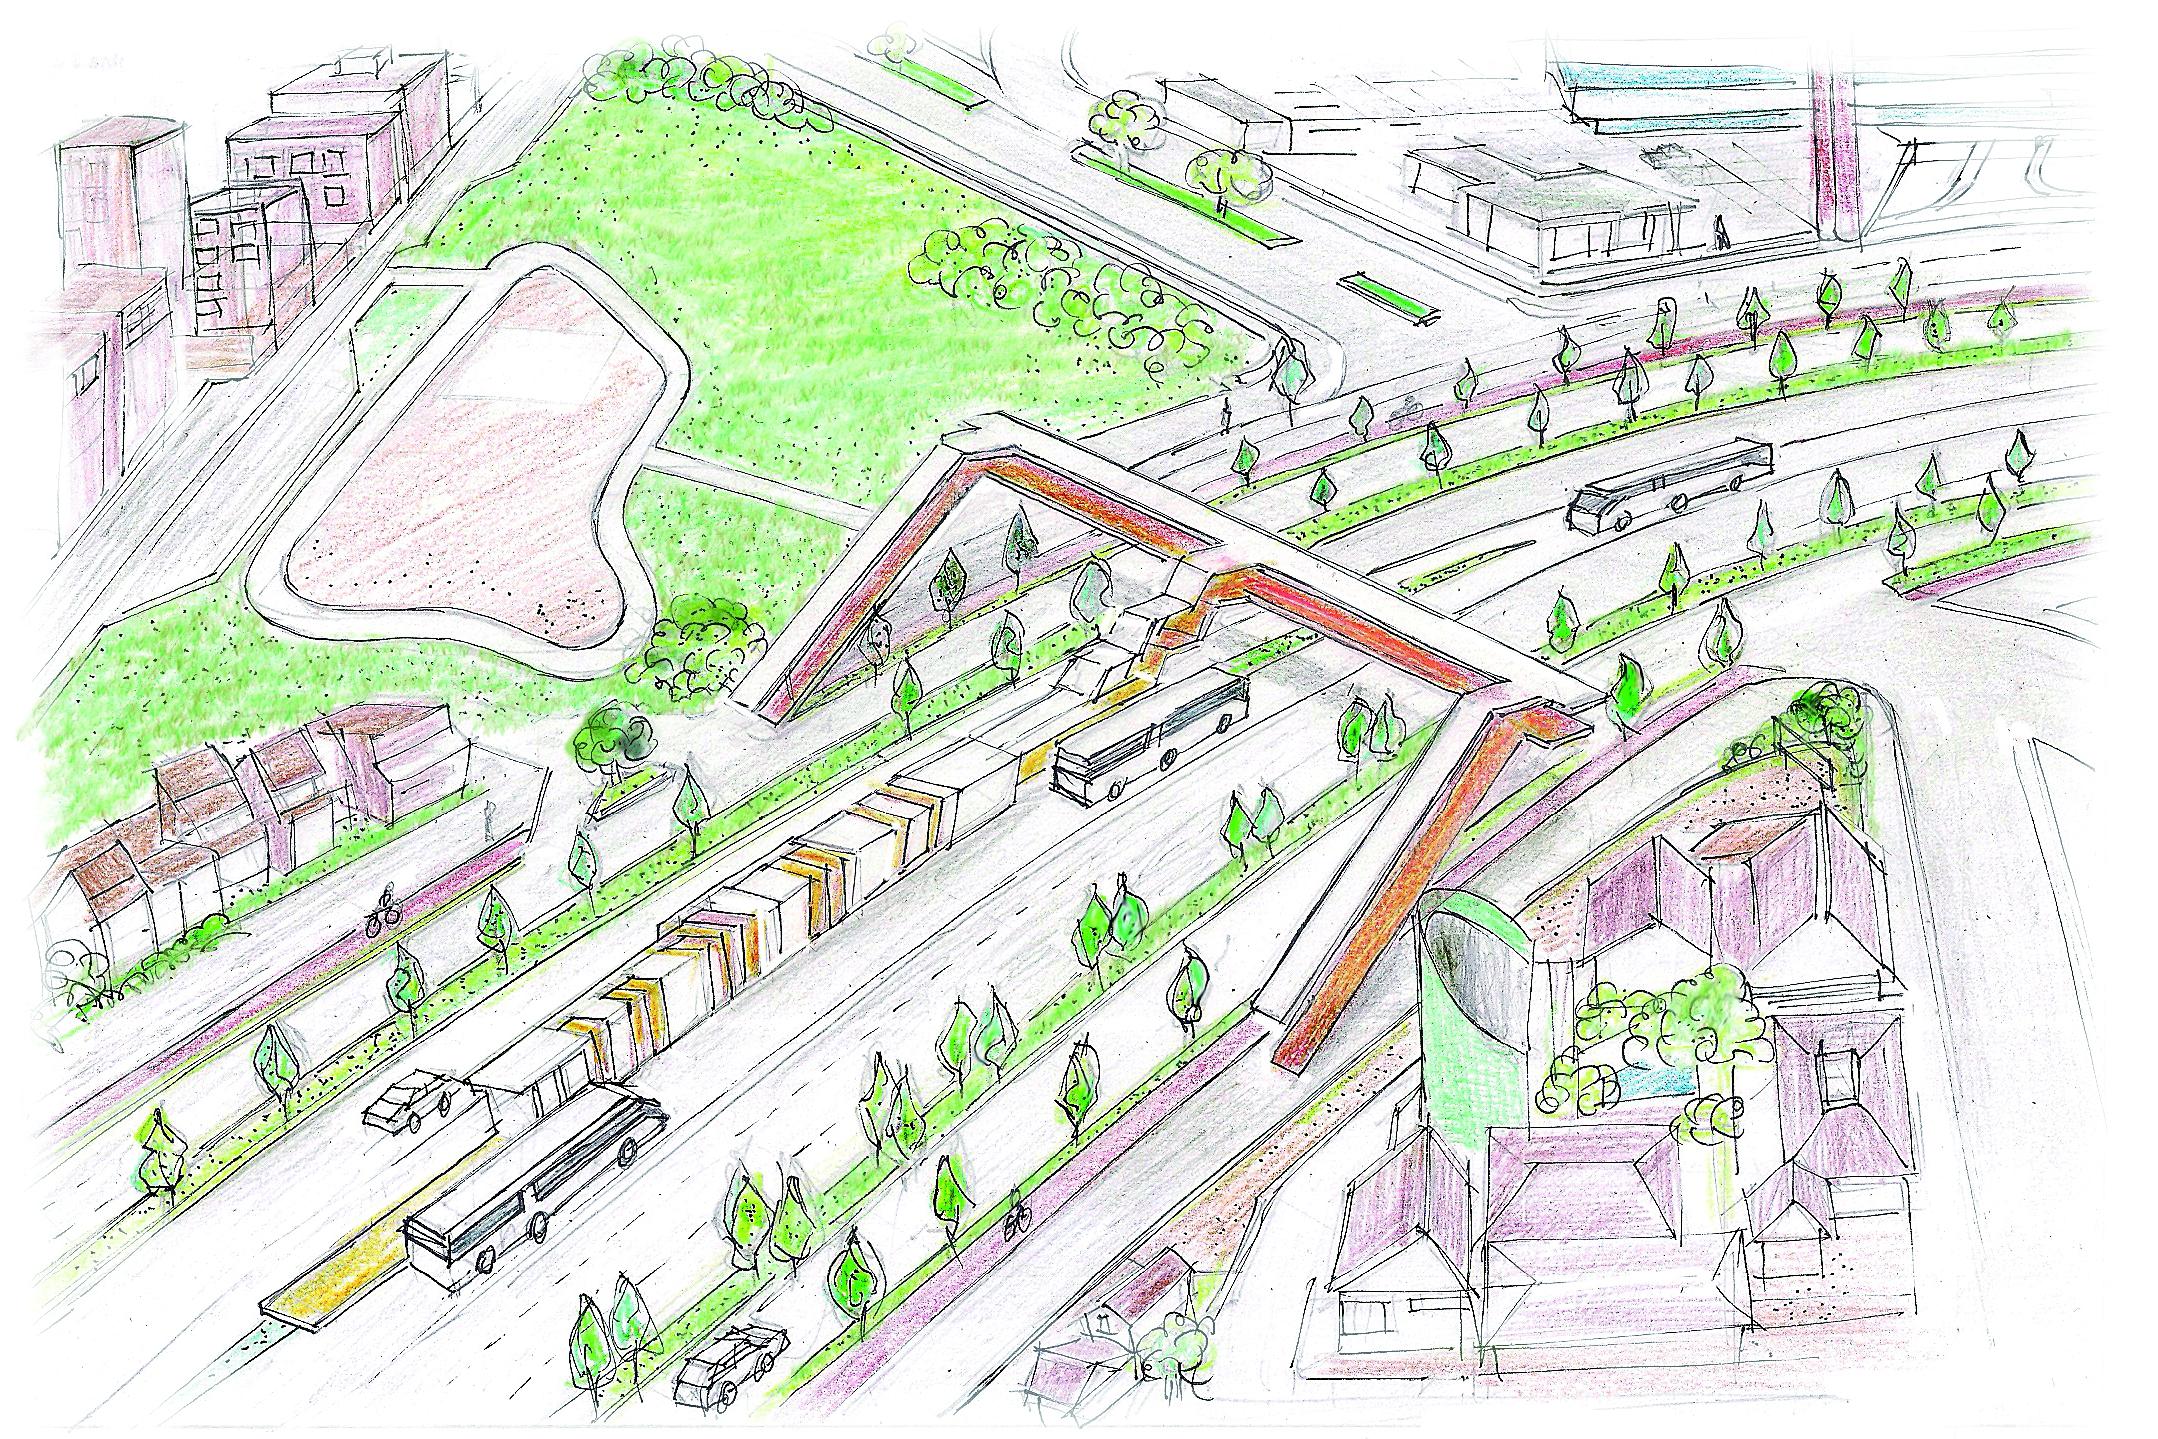 Transporte integrado - Ilustração: Marcelo Oliveira/ND